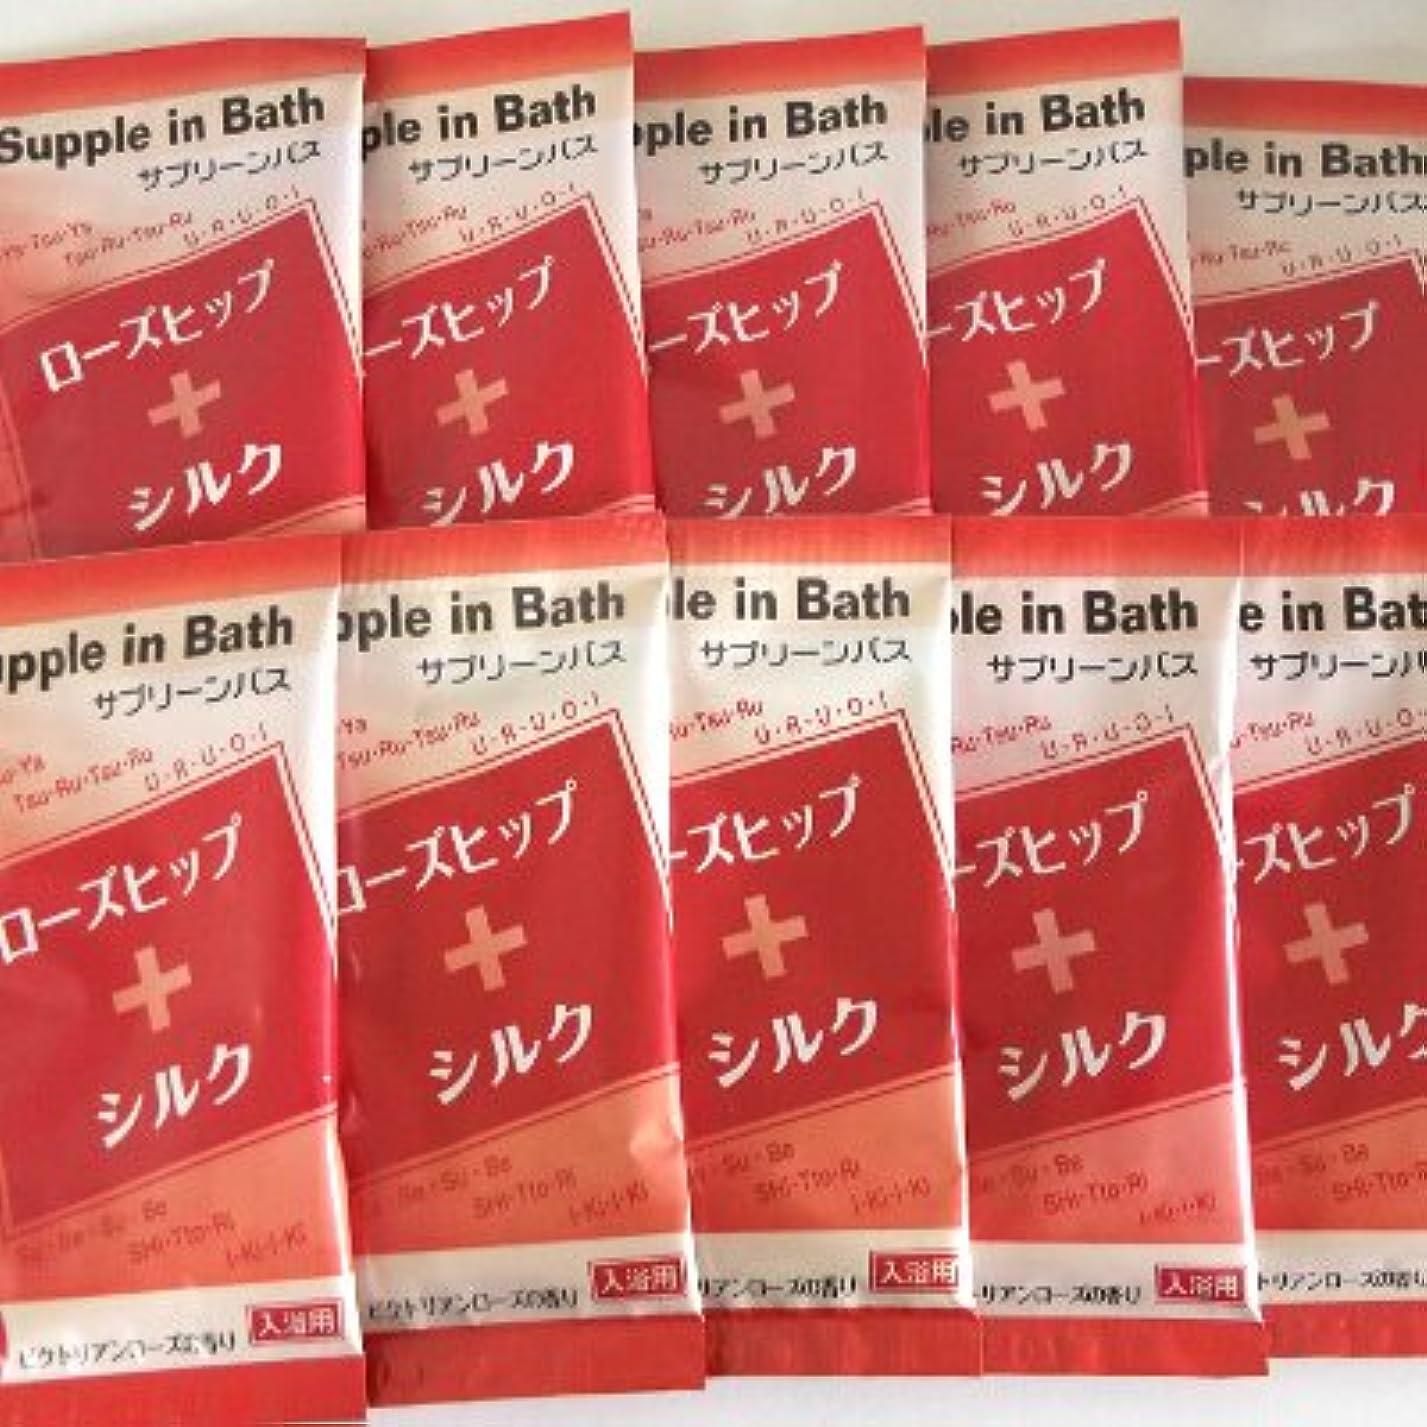 罪人窓を洗う東方サプリーンバス ローズヒップ+シルク 10包セット